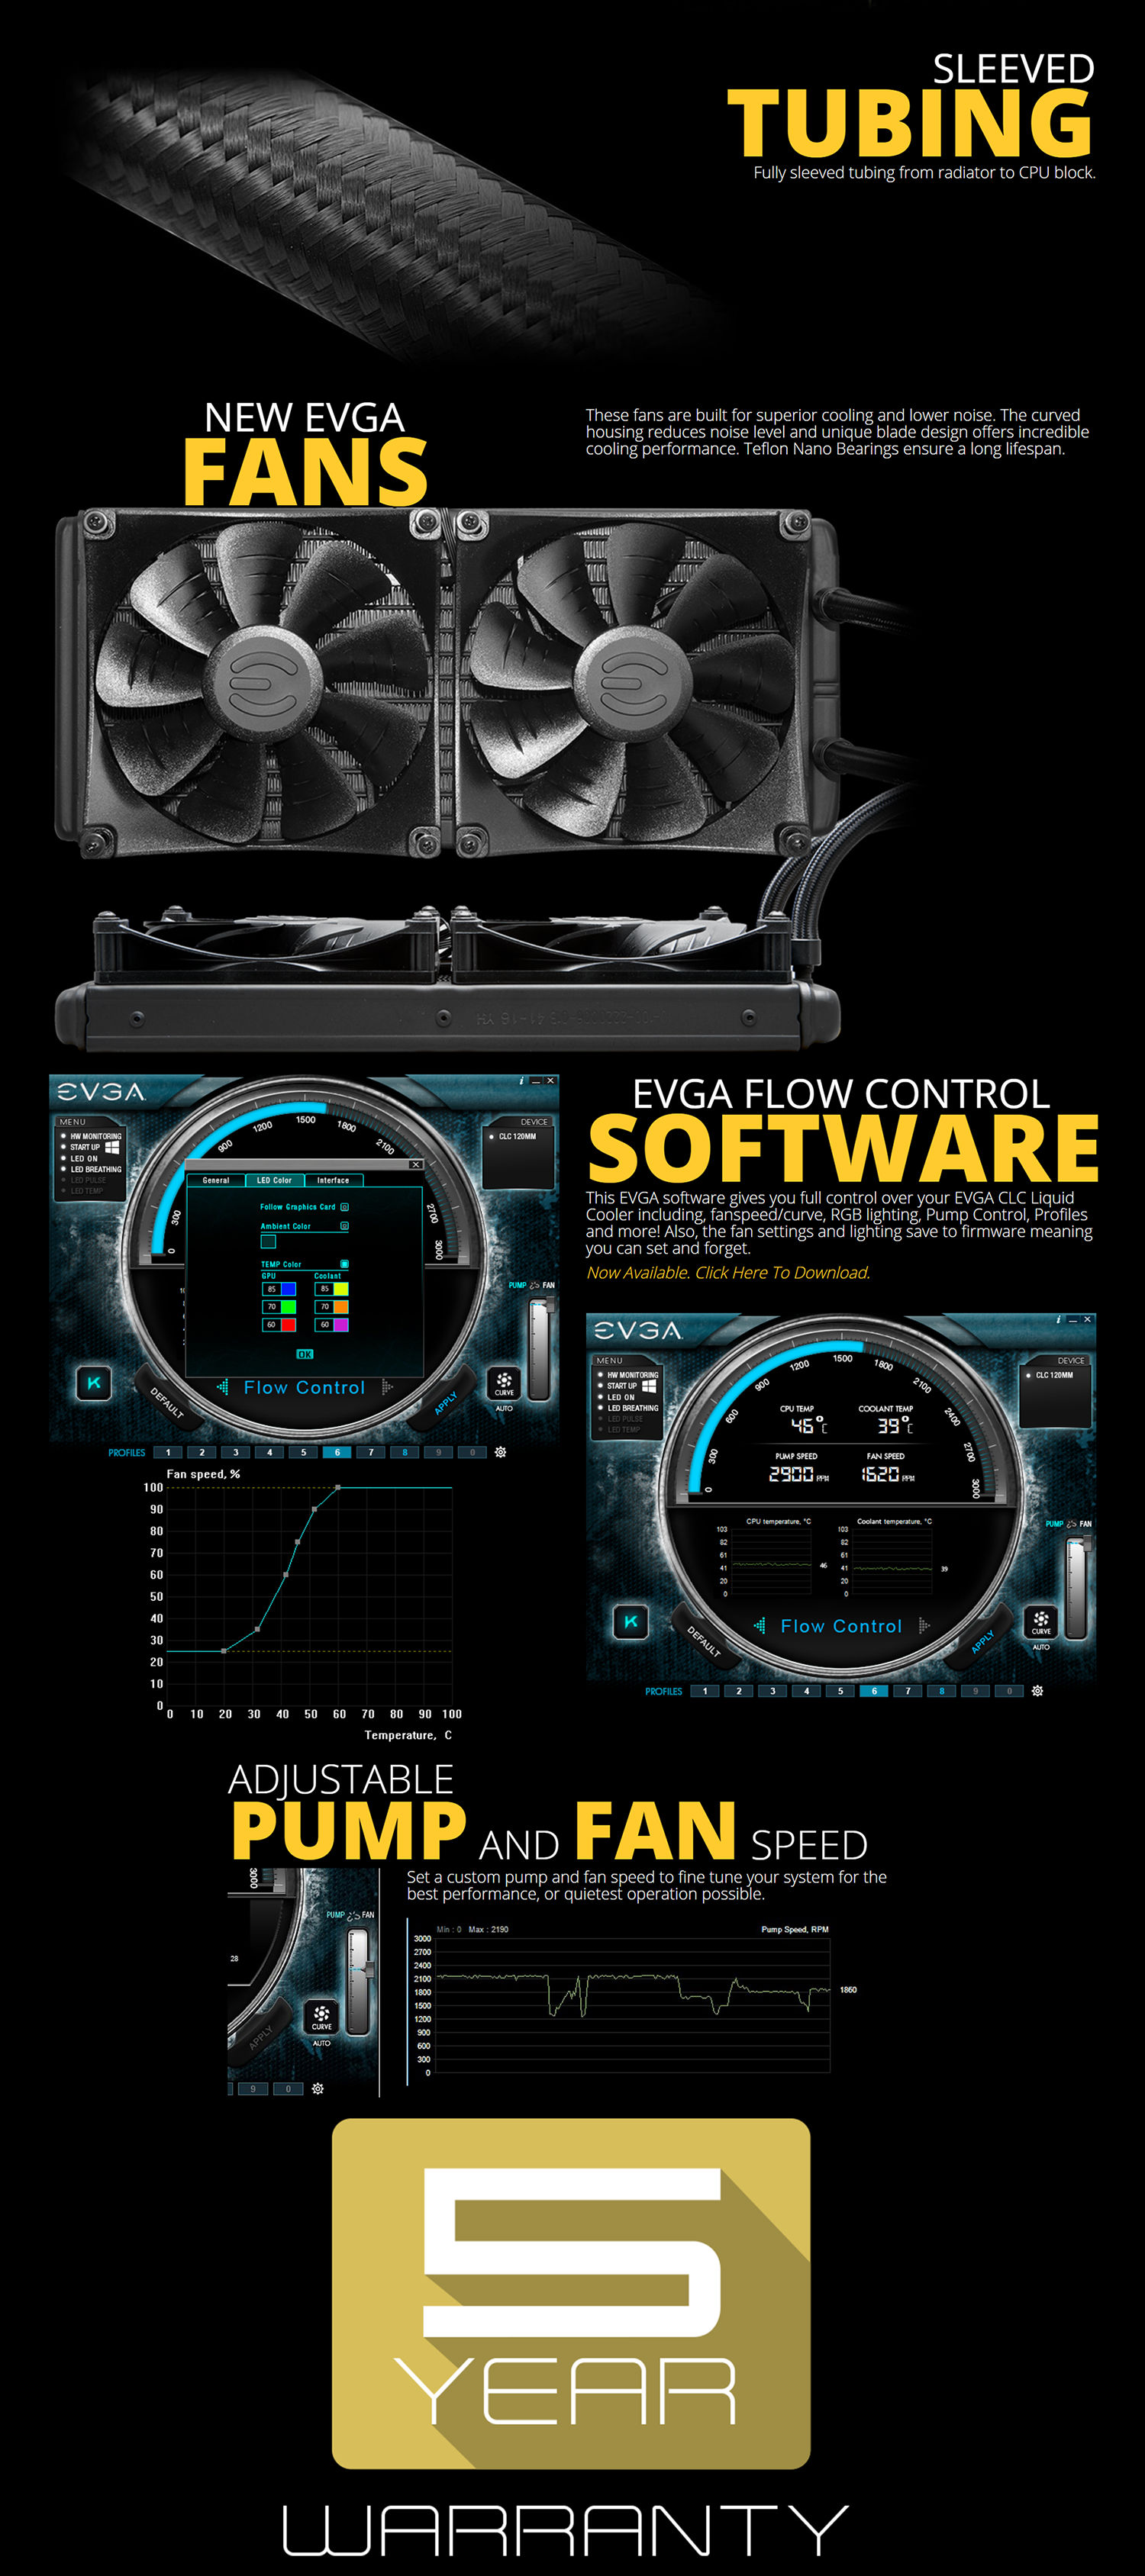 EVGA CLC 240 Liquid CPU Cooler